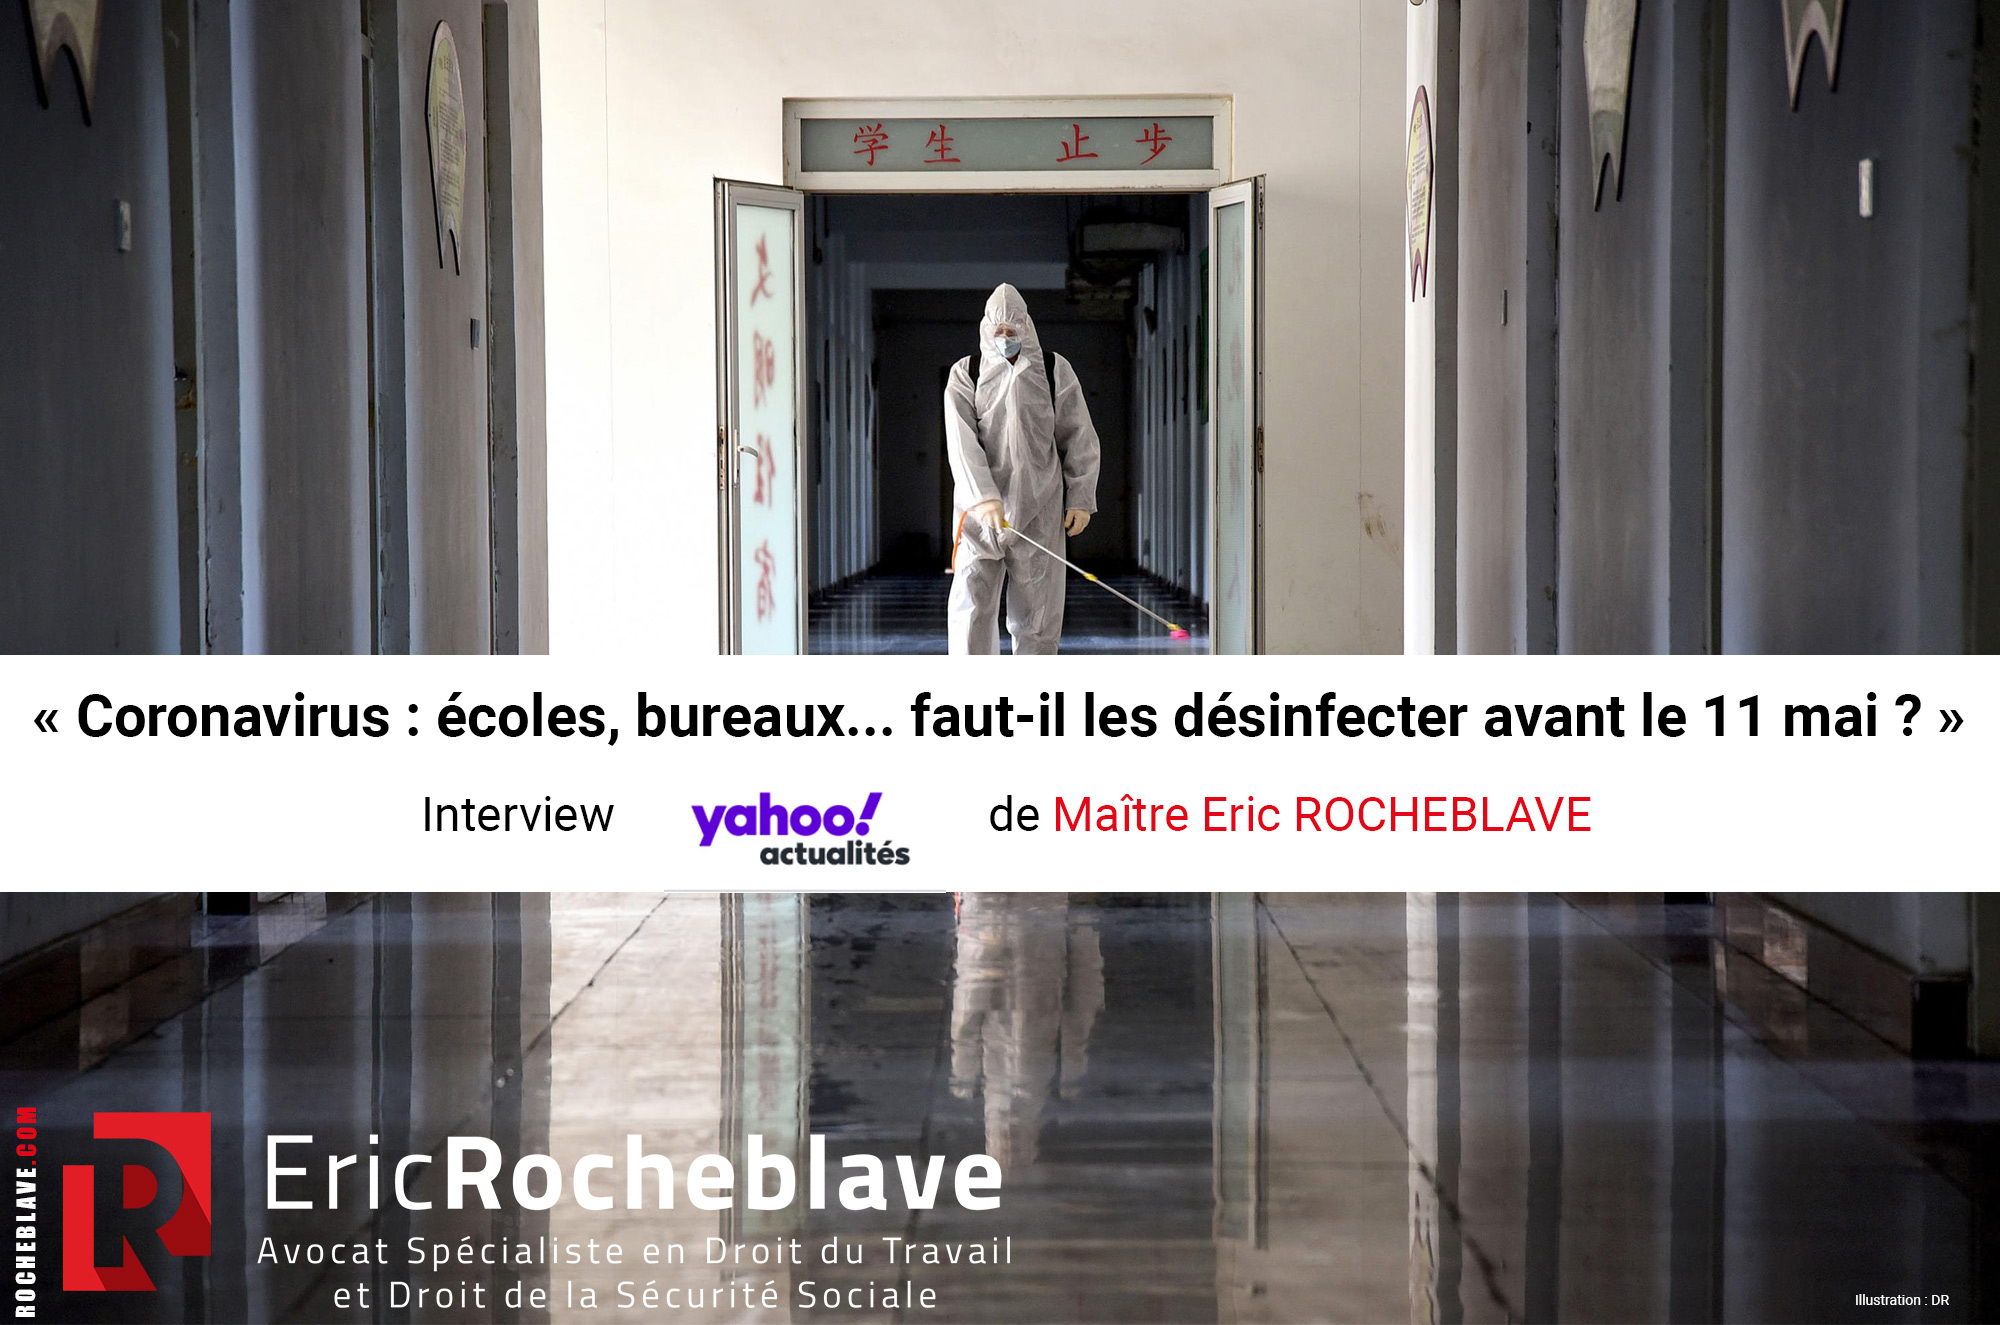 « Coronavirus : écoles, bureaux… faut-il les désinfecter avant le 11 mai ? » interview Yahoo! actualités de Maître Eric ROCHEBLAVE